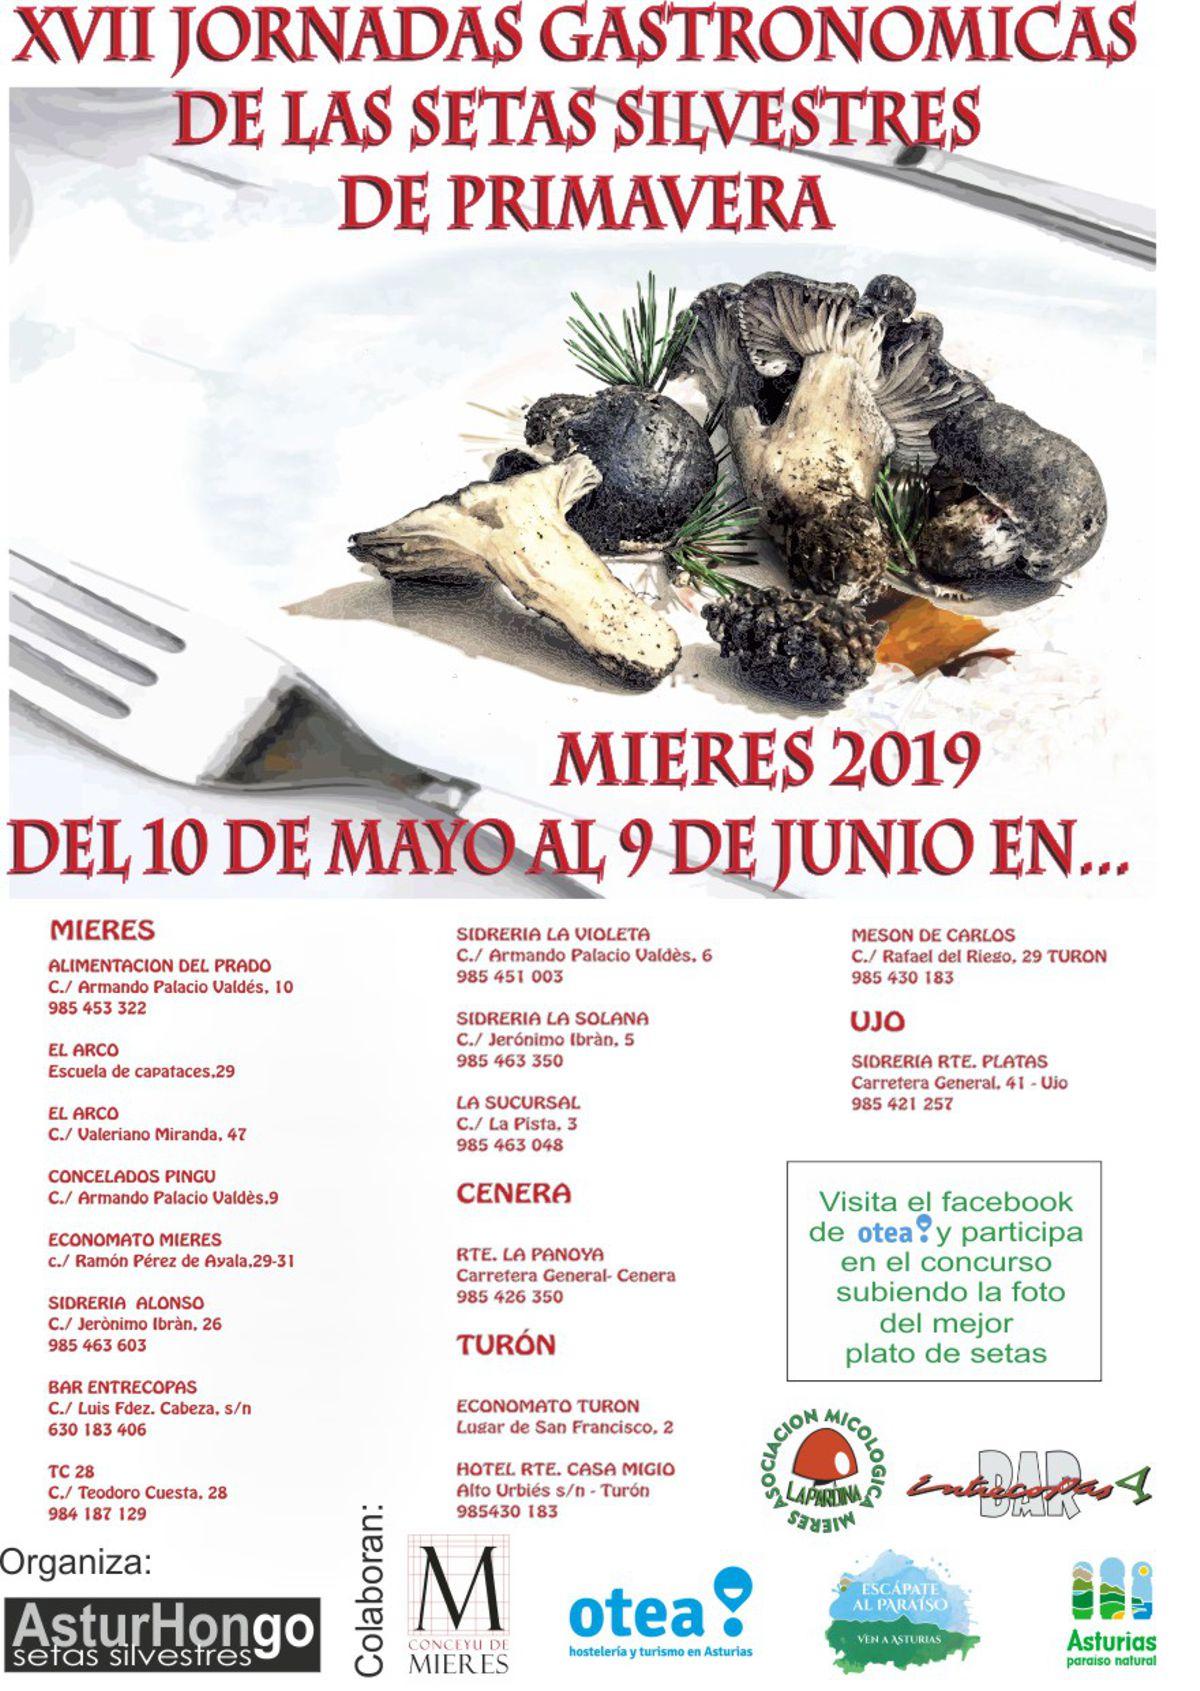 Cartel Web Jornadas Gastronómicas De Las Setas De Mieres Primavera 2019